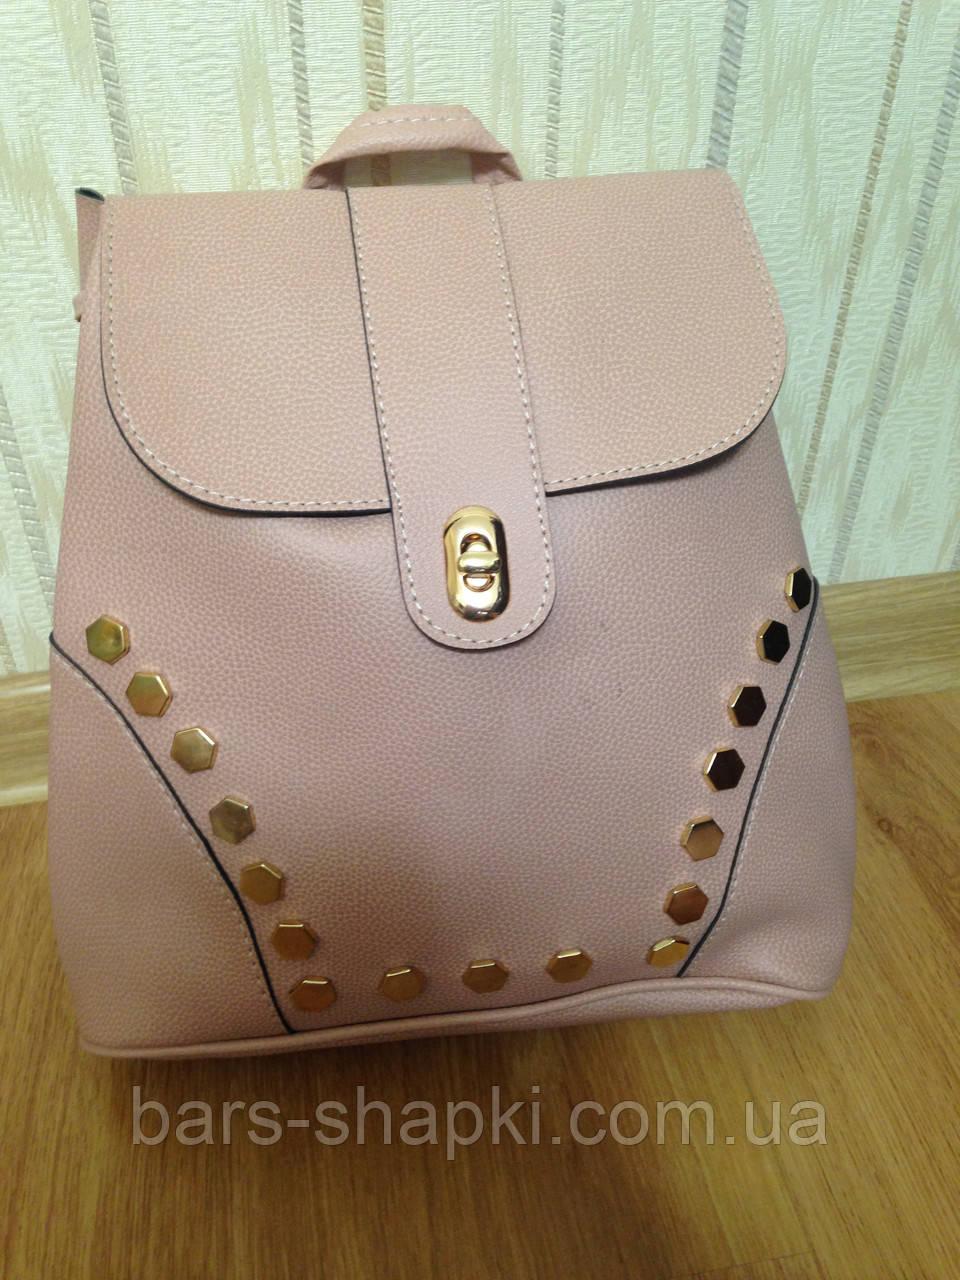 Качественный городской сумка-рюкзак, цвет Пудра